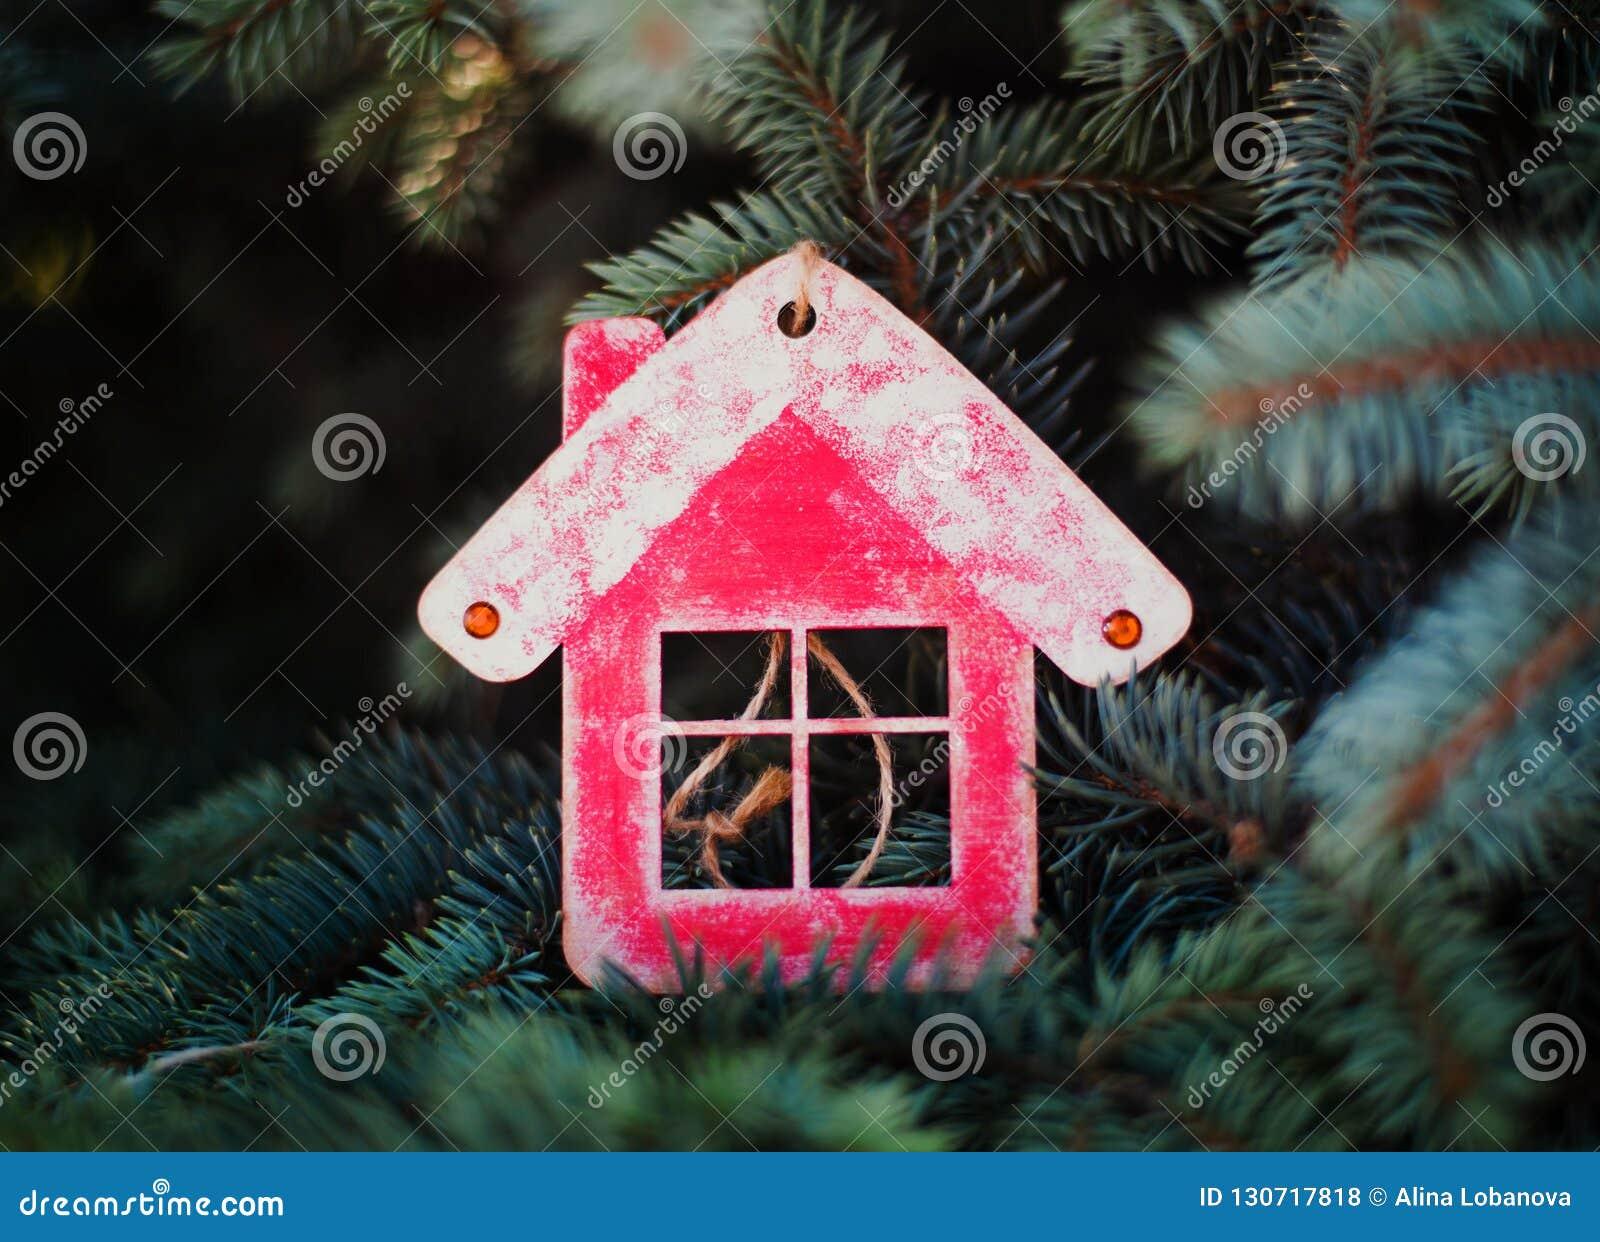 Decorazioni In Legno Per La Casa : Decorazione di natale sotto forma di casa di legno rossa per il